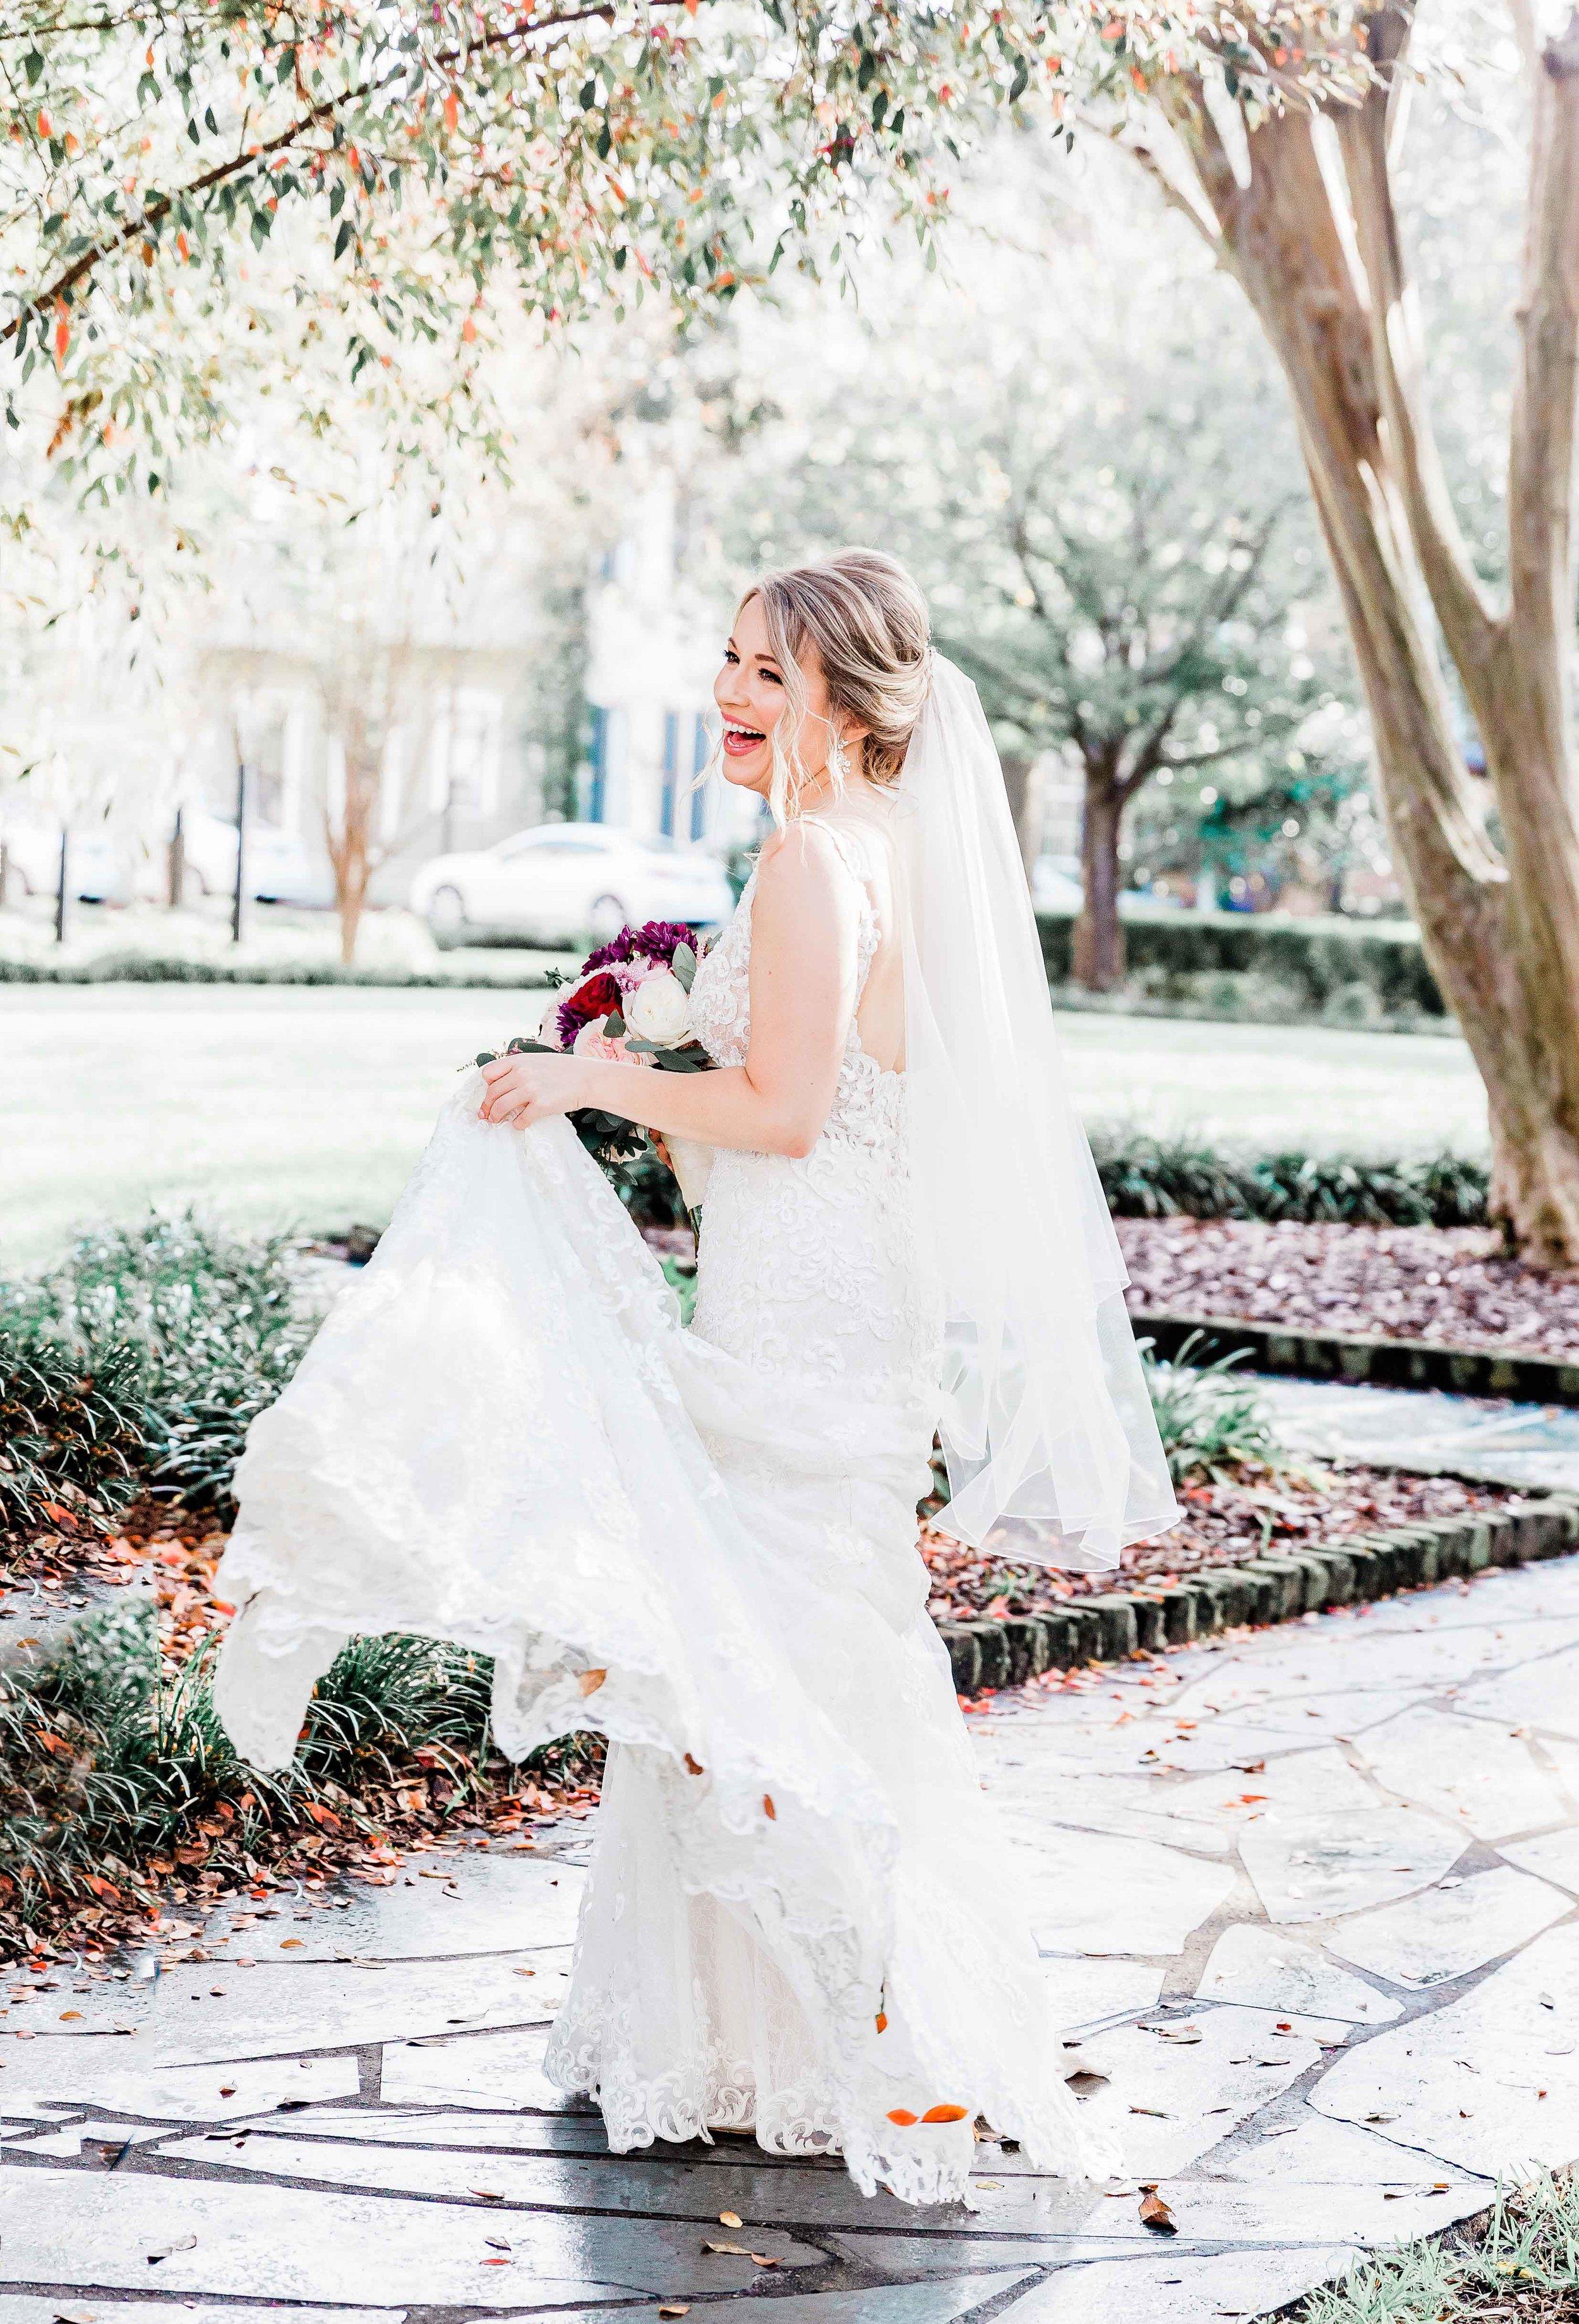 20181109Georgia-Savannah-savannah wedding photography14.jpg